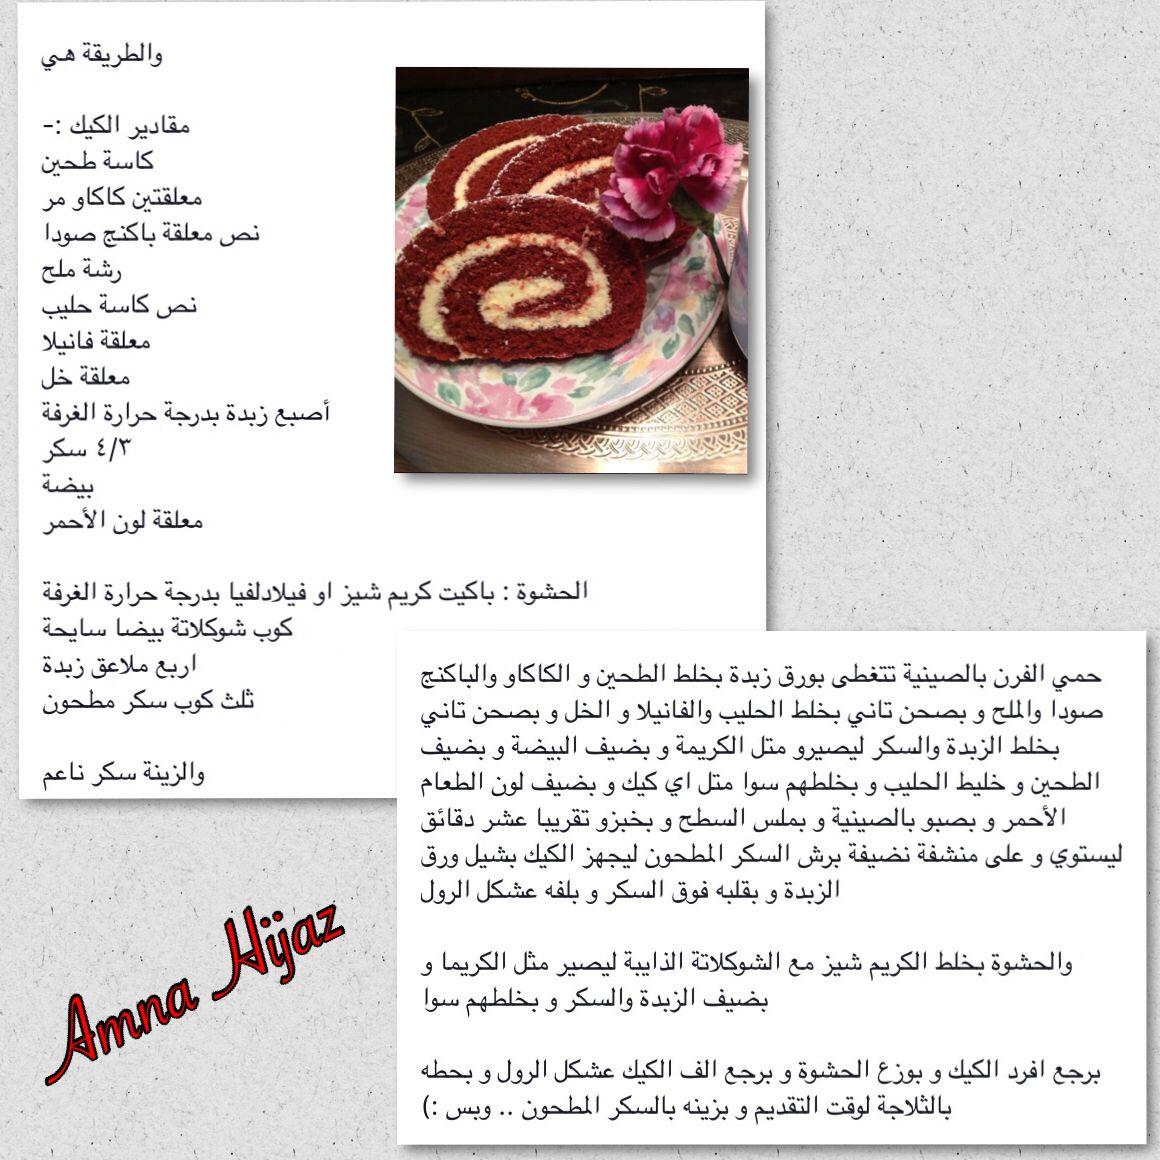 سويسرول ريد فلفت Cooking Recipes Red Velvet Cake Food And Drink